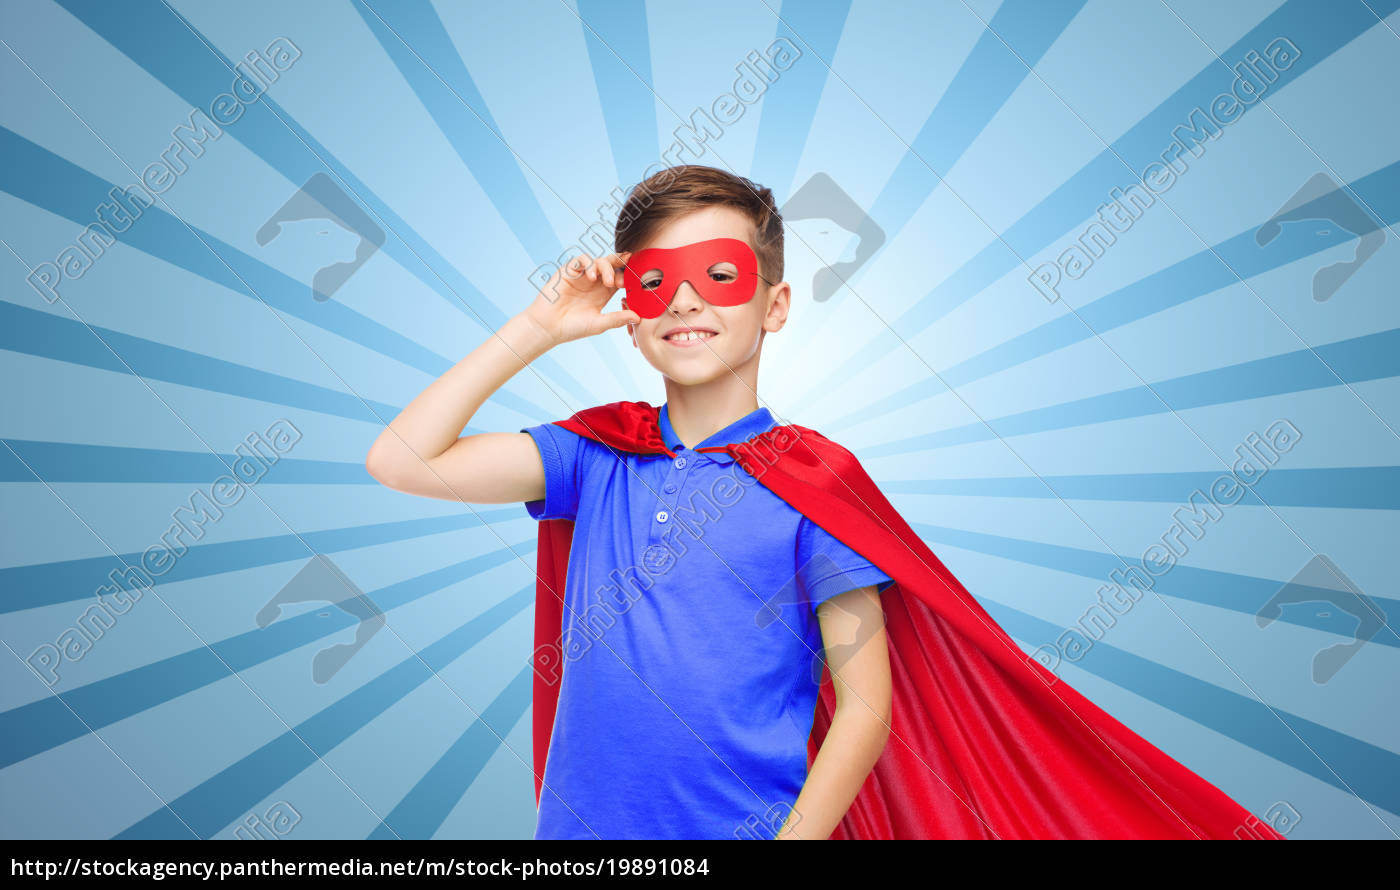 junge, im, roten, superheld, umhang, und - 19891084